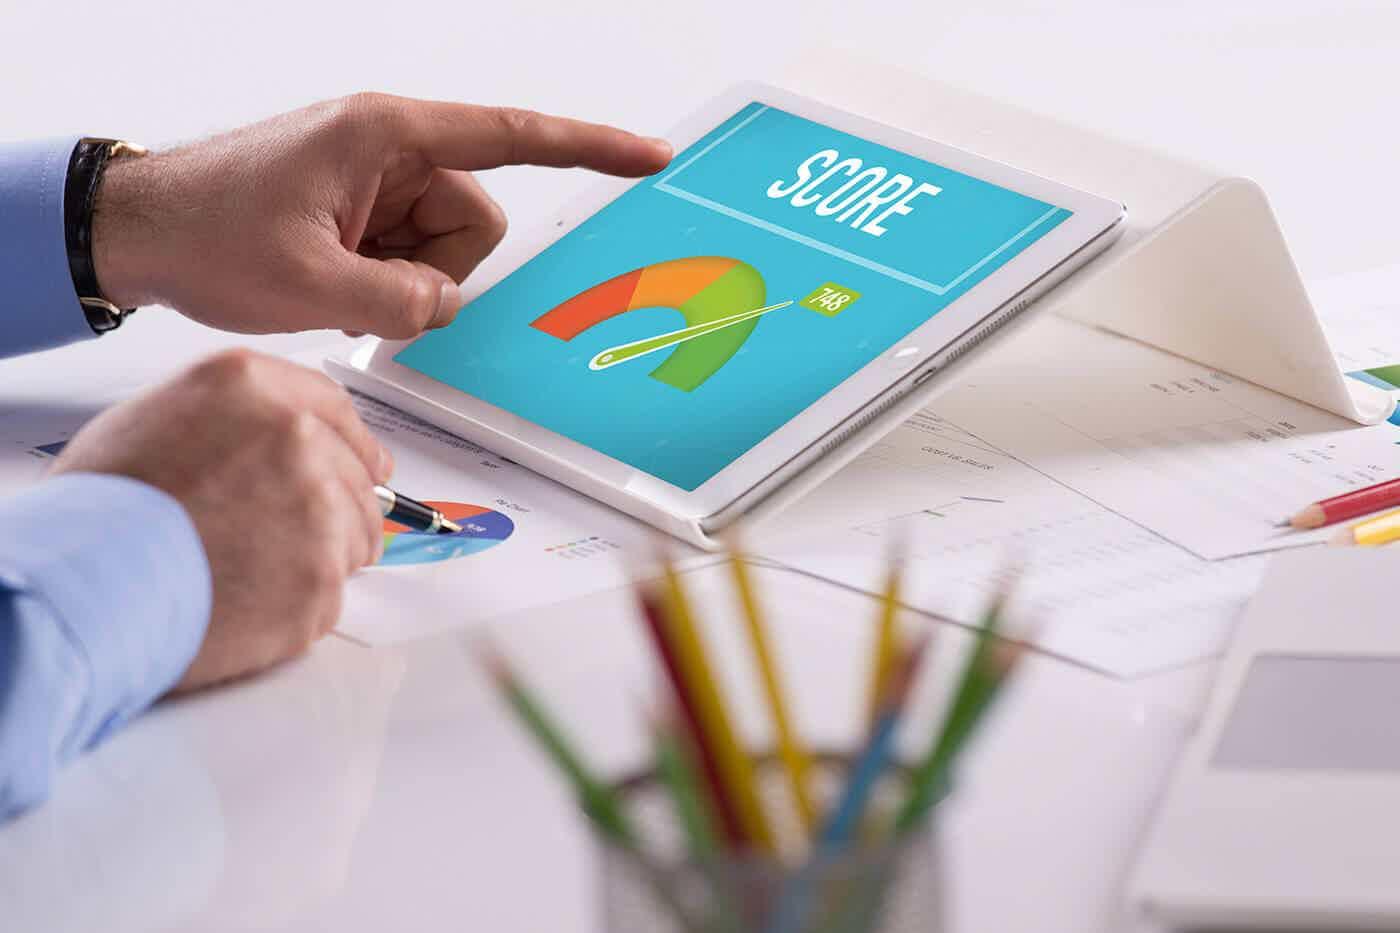 Como solicitar empréstimo online com score baixo?